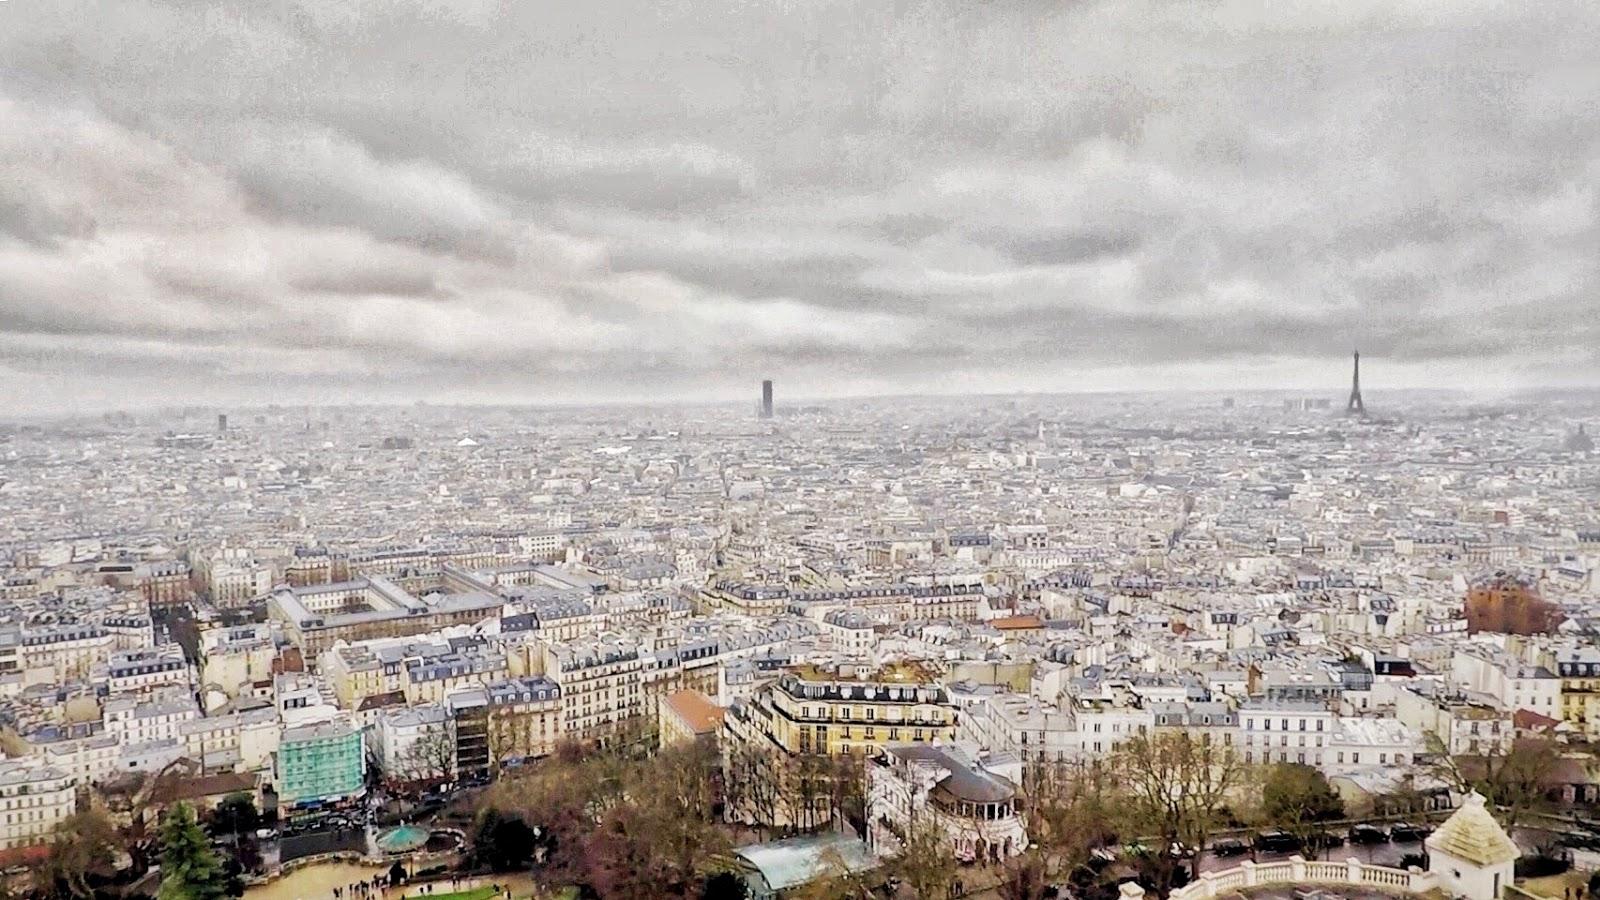 Sacré-Cœur, views, Paris views, Paris in winter, rainy day in Paris, Cloudy day in Paris